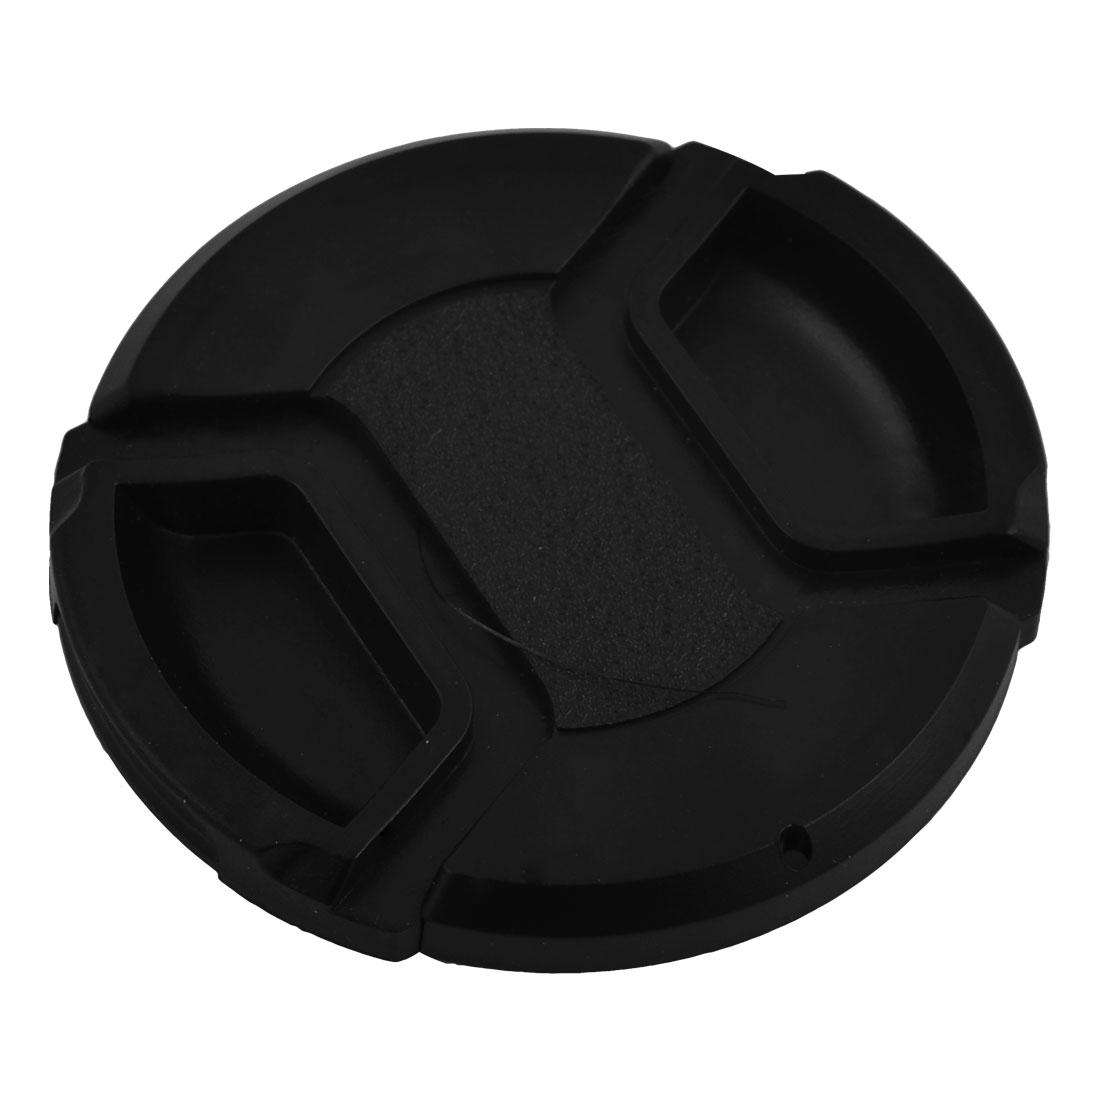 Plastic Front Snap Digital Camera Clip-on Lens Cap Cover Black 58mm w Cord